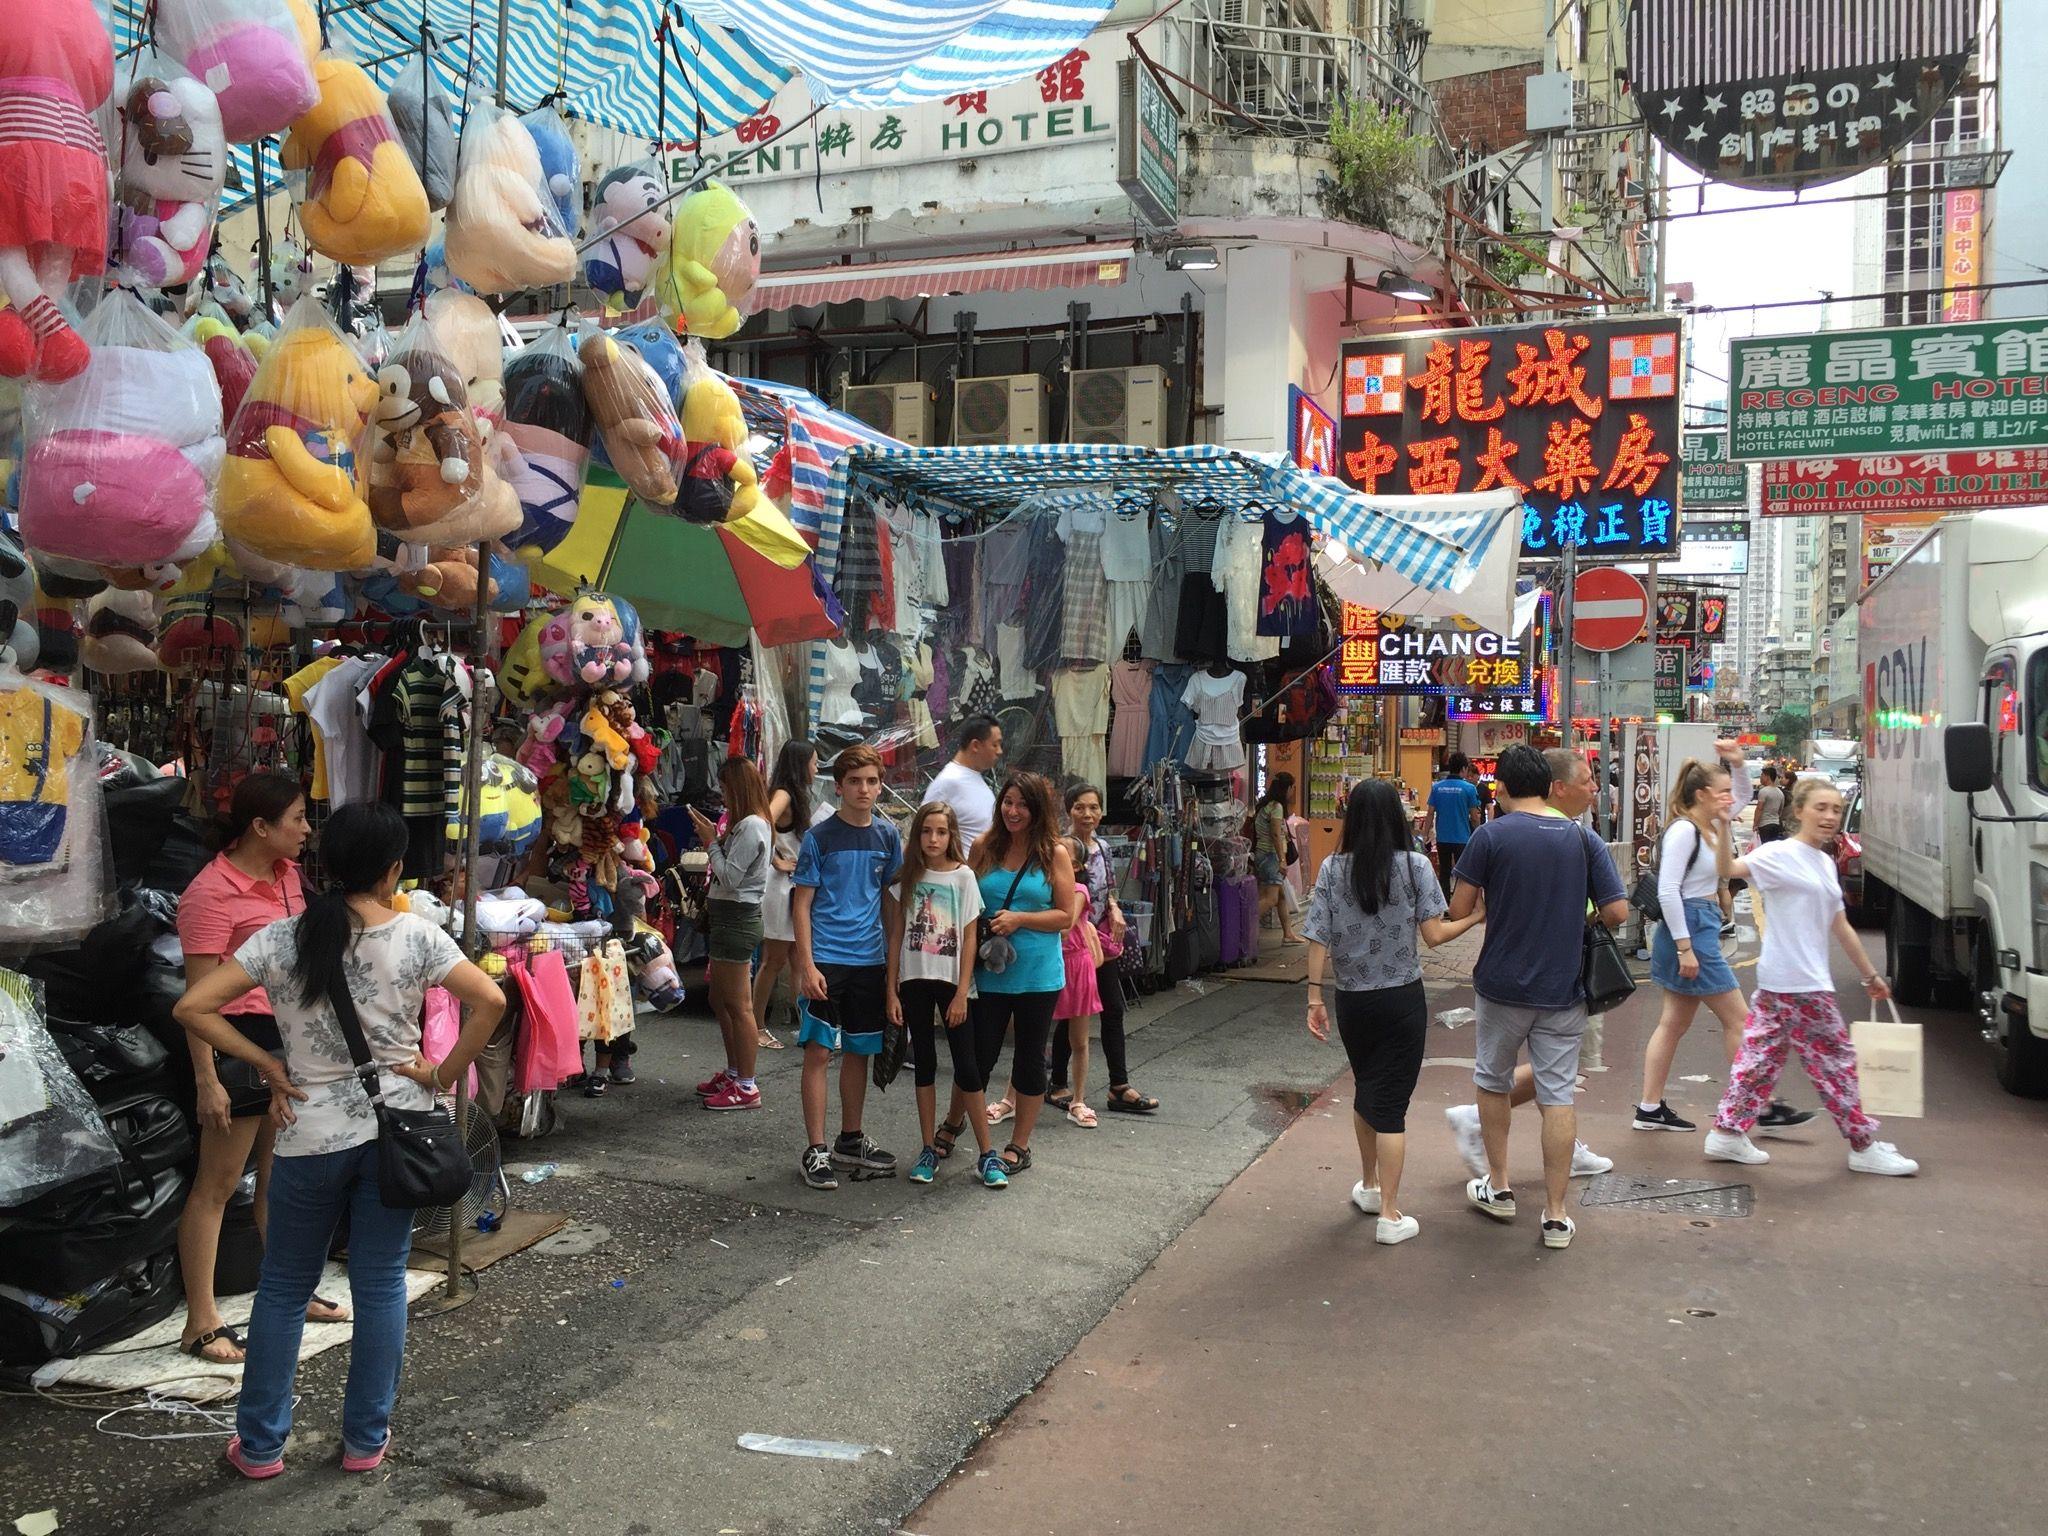 Women's market, Hong Kong, china. Meilleurs marché en plein air pour les bargains